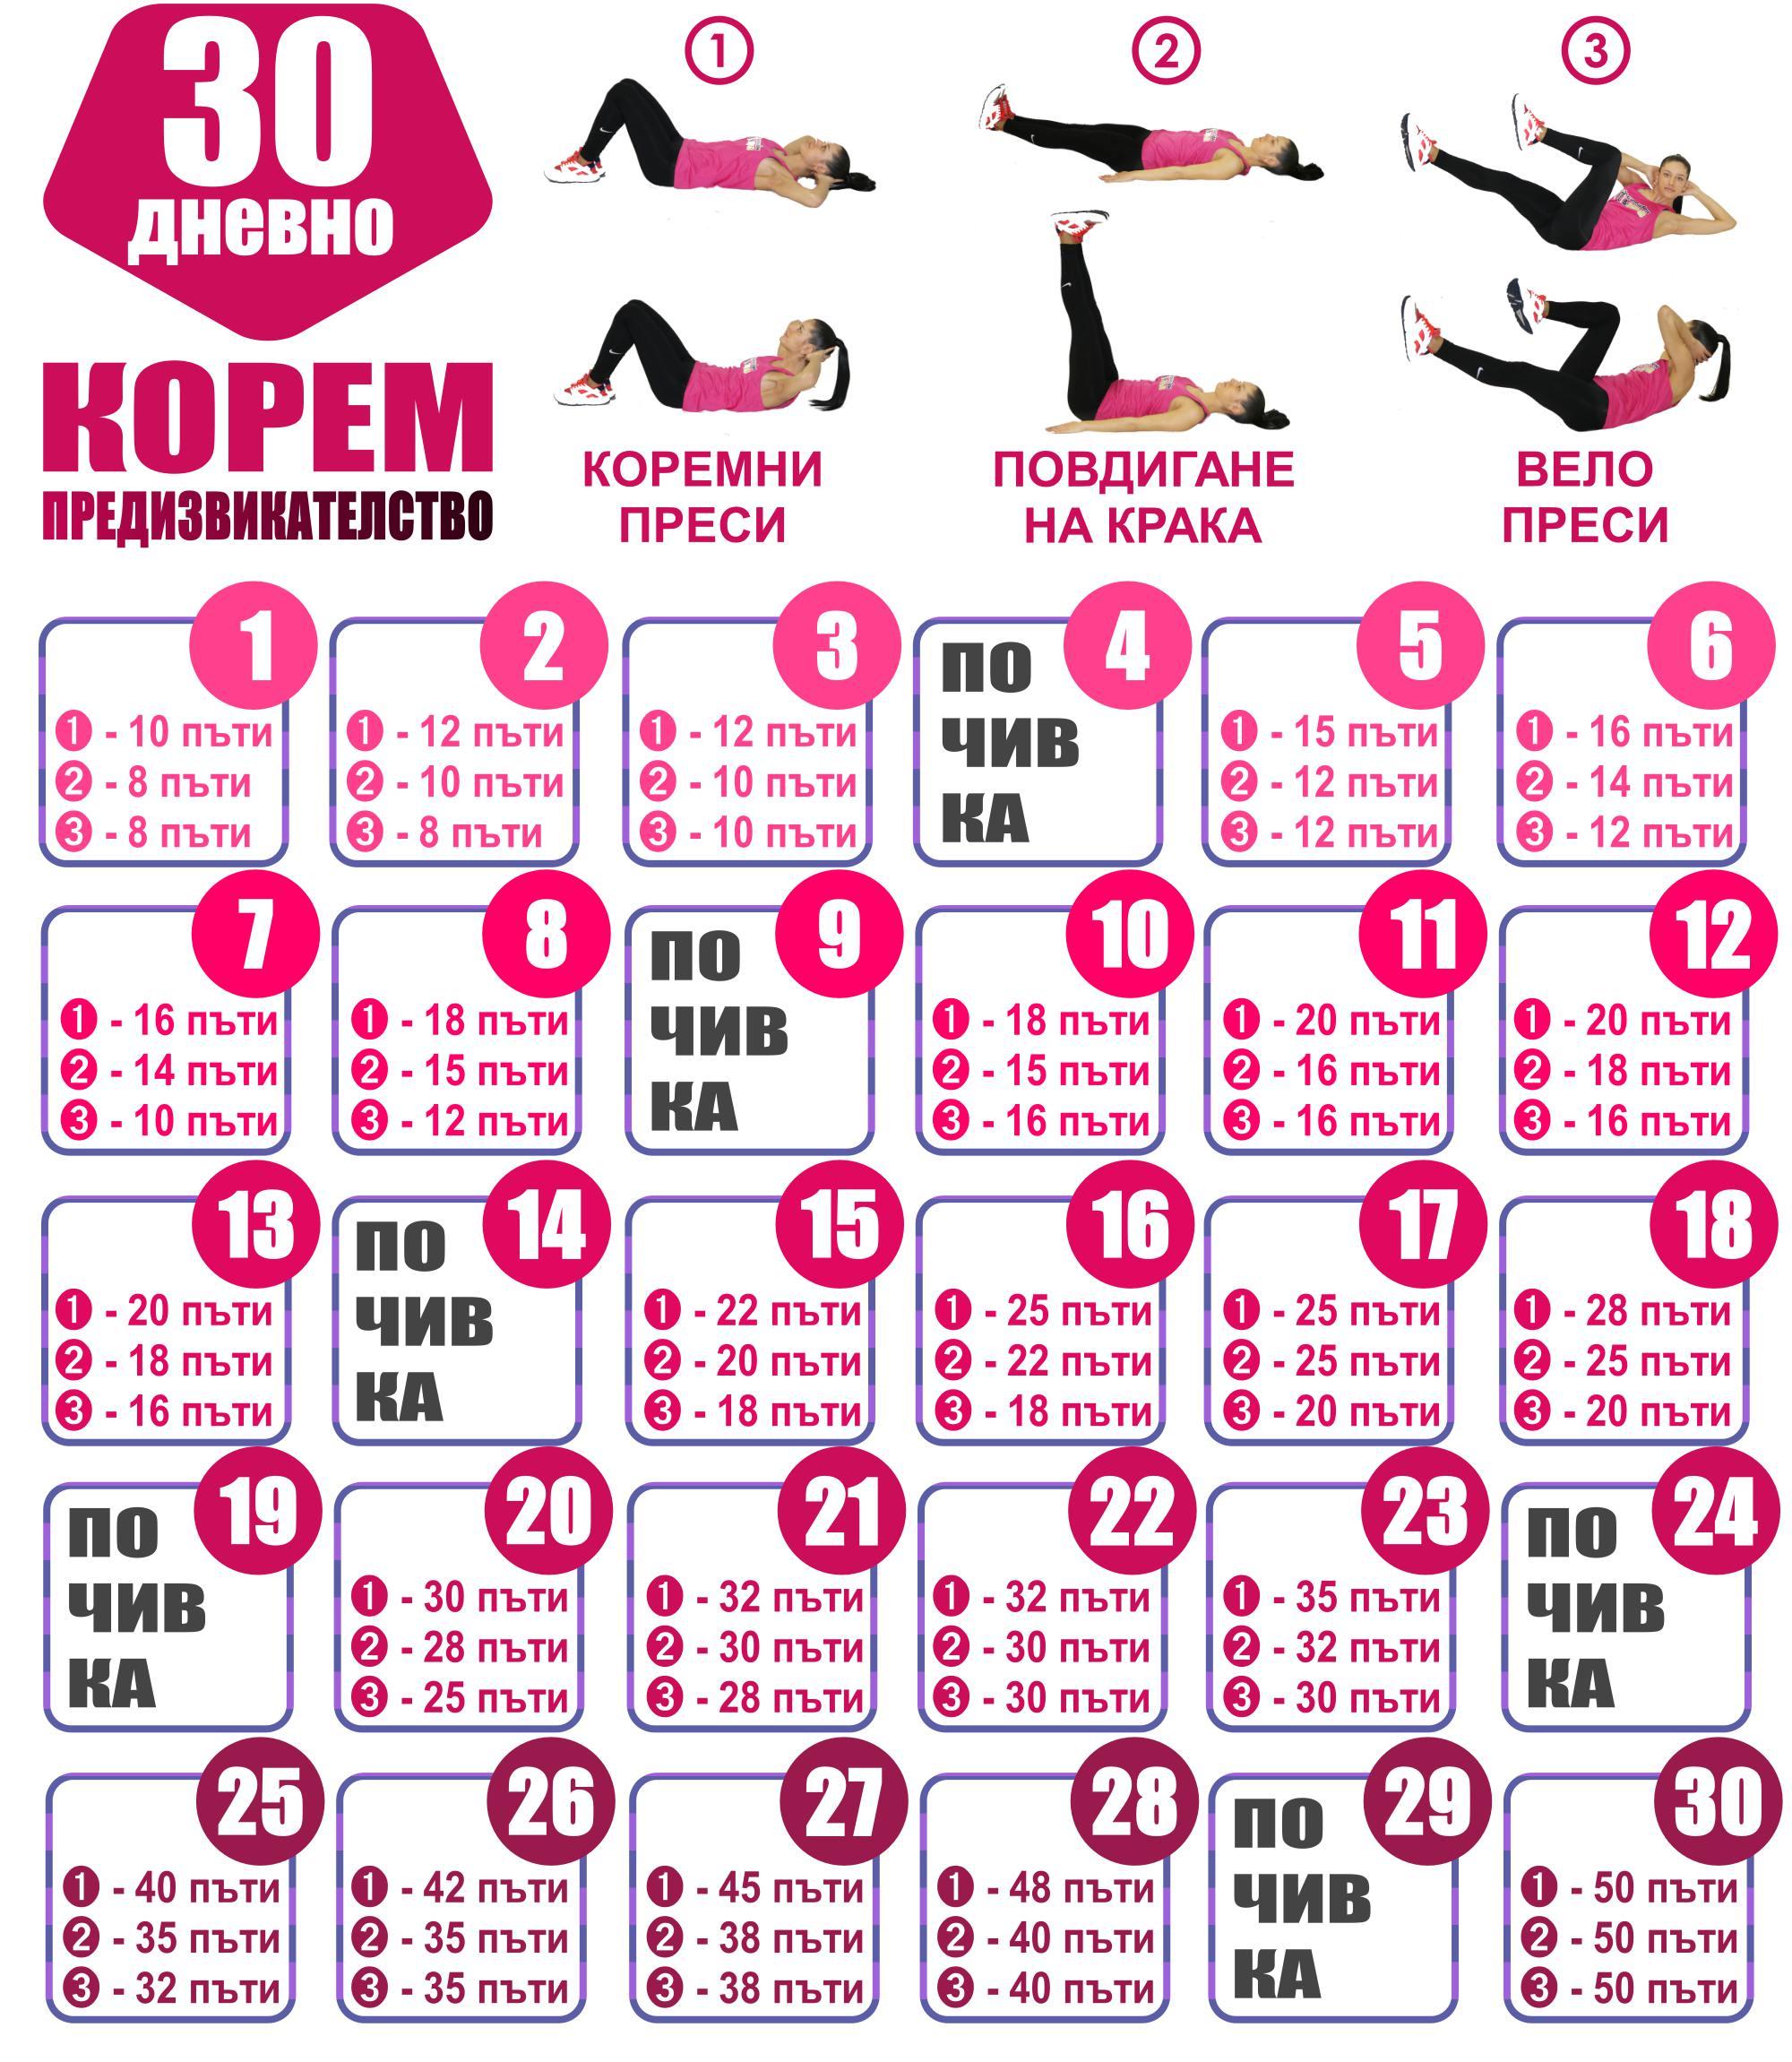 30 дневно предизвикателство за корем